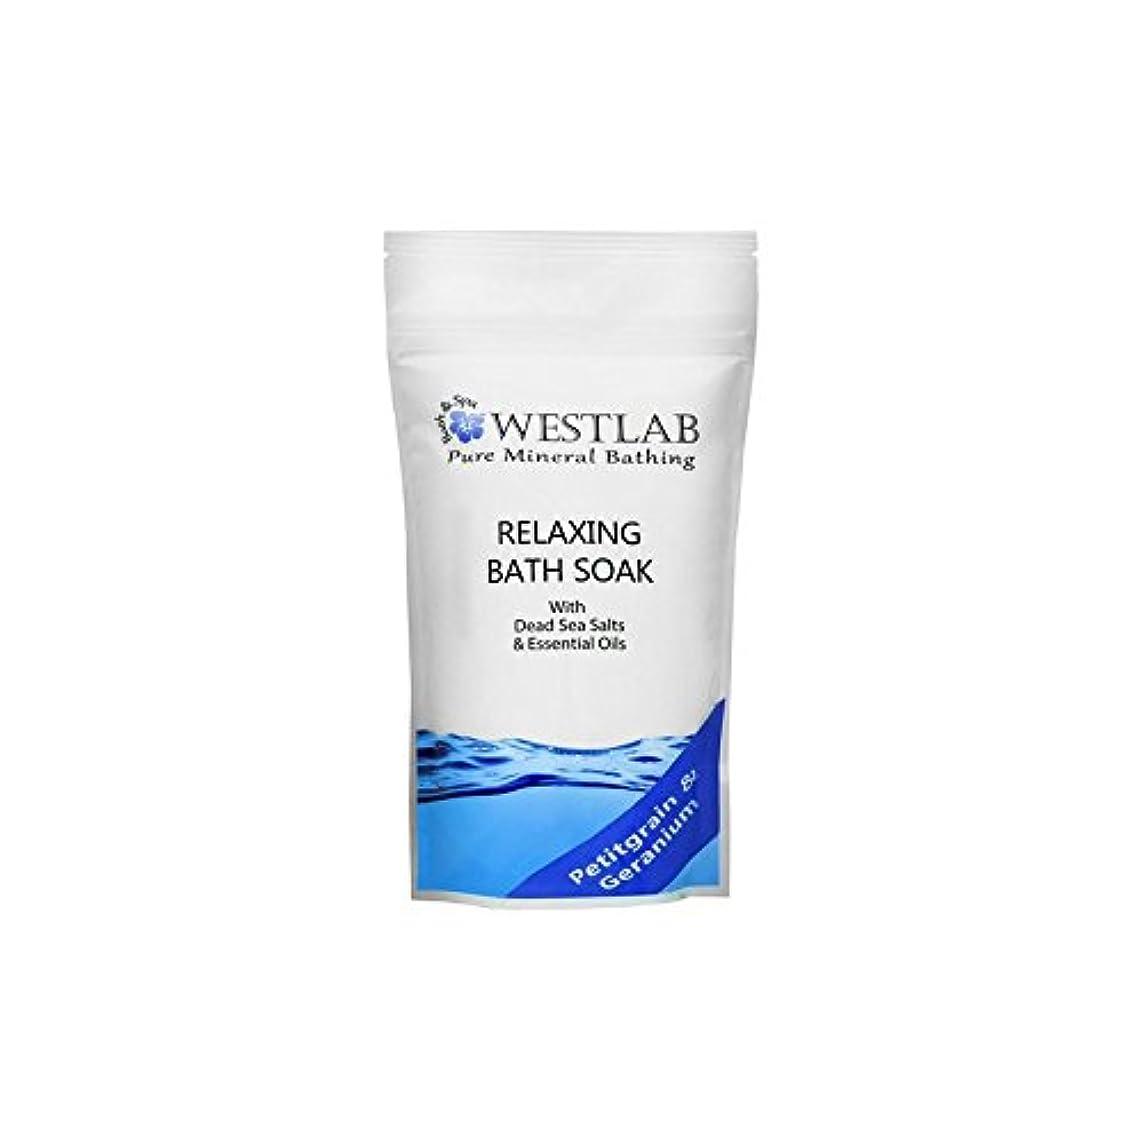 禁じるネコ橋脚Westlab Relax Dead Sea Salt Bath Soak (500g) (Pack of 6) - 死海の塩浴浸漬(500グラム)をリラックス x6 [並行輸入品]